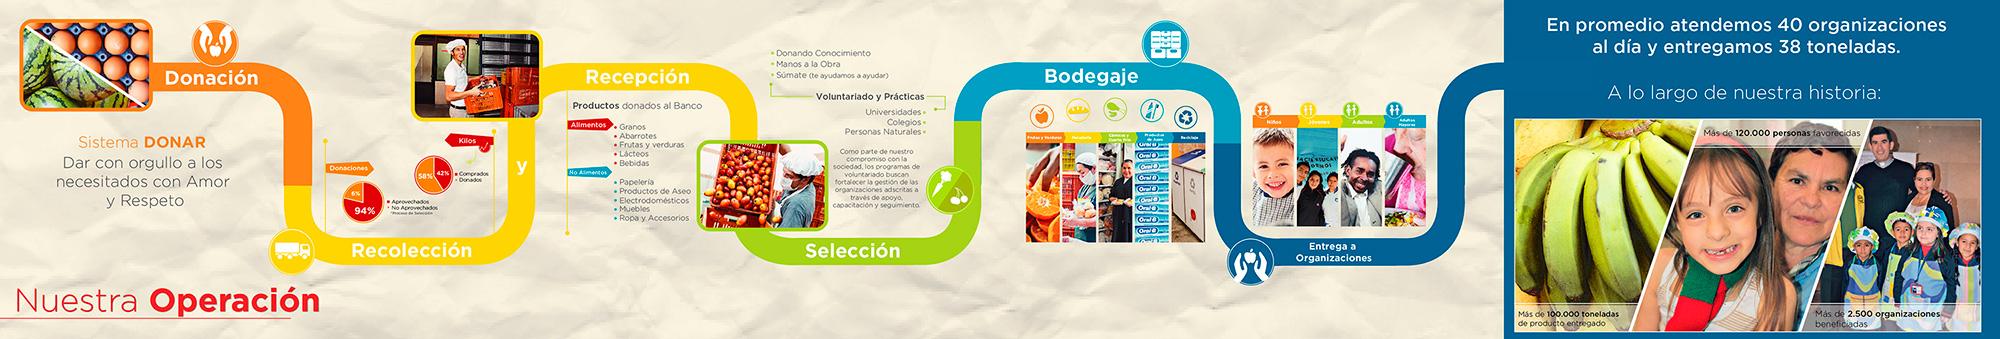 Banco de alimentos infografia